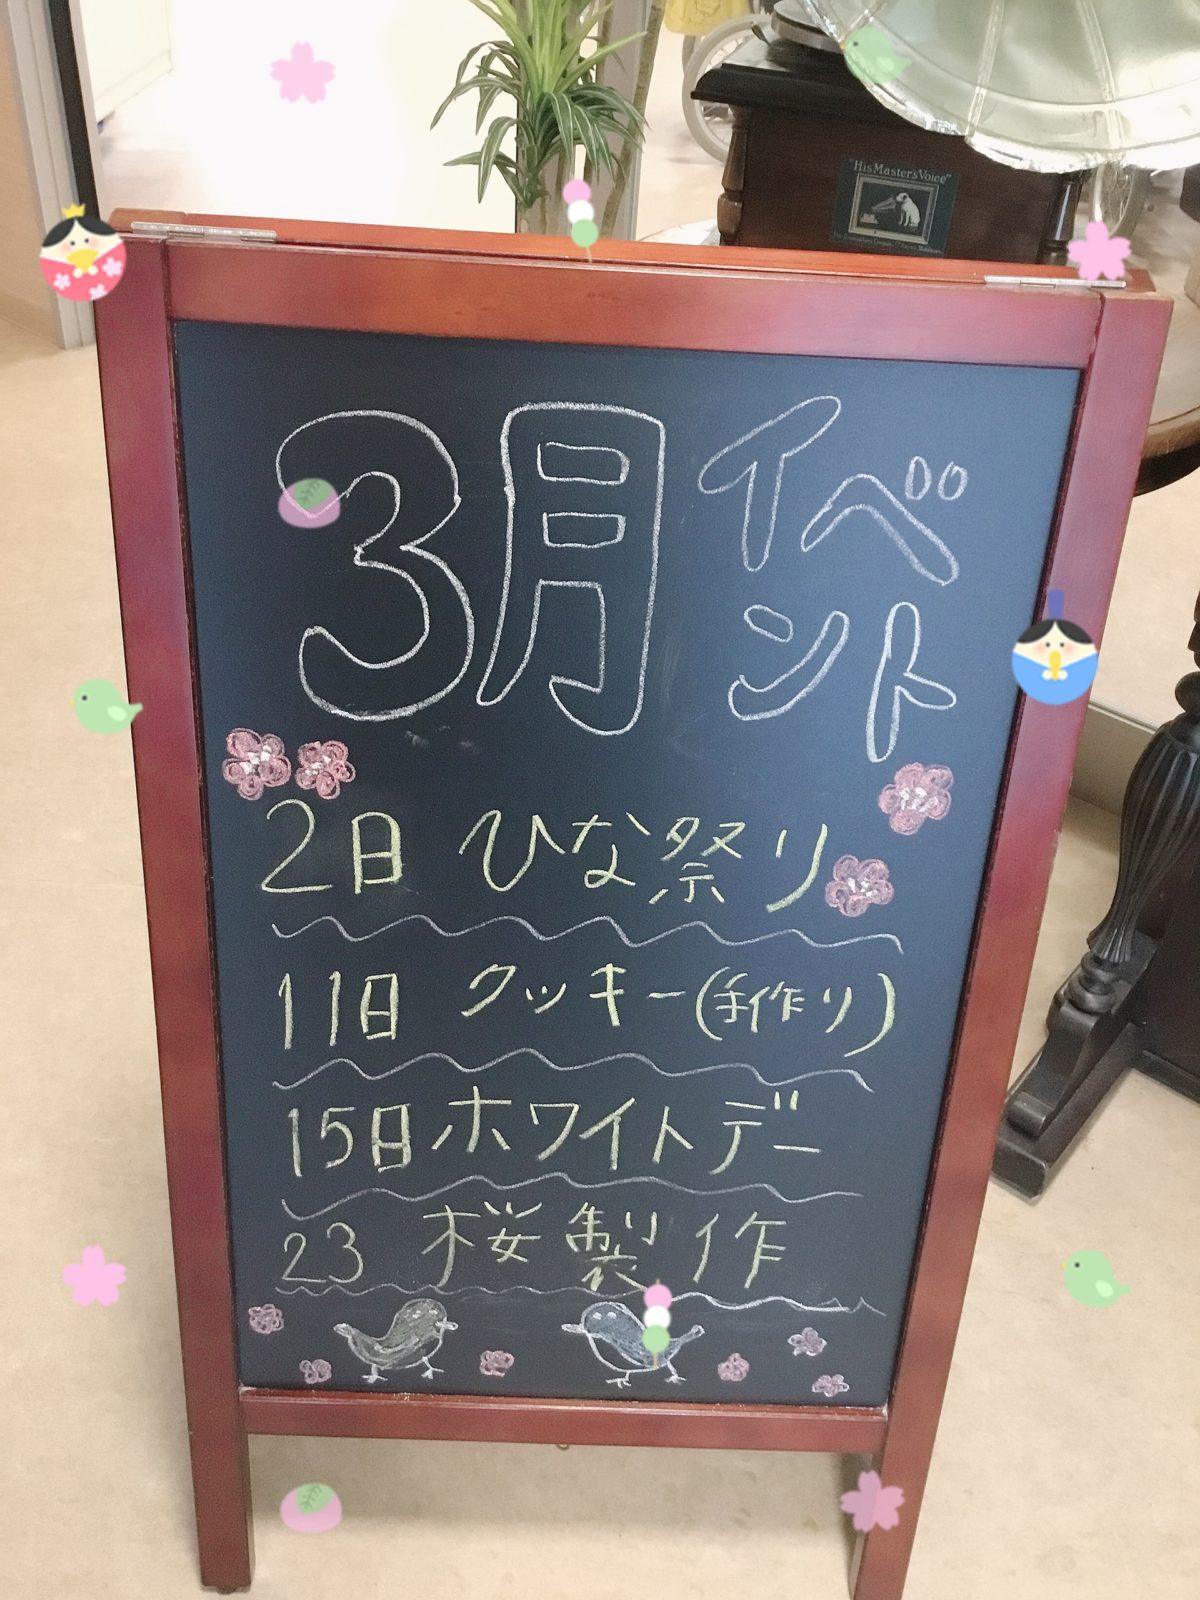 【寝屋川】3月のイベント